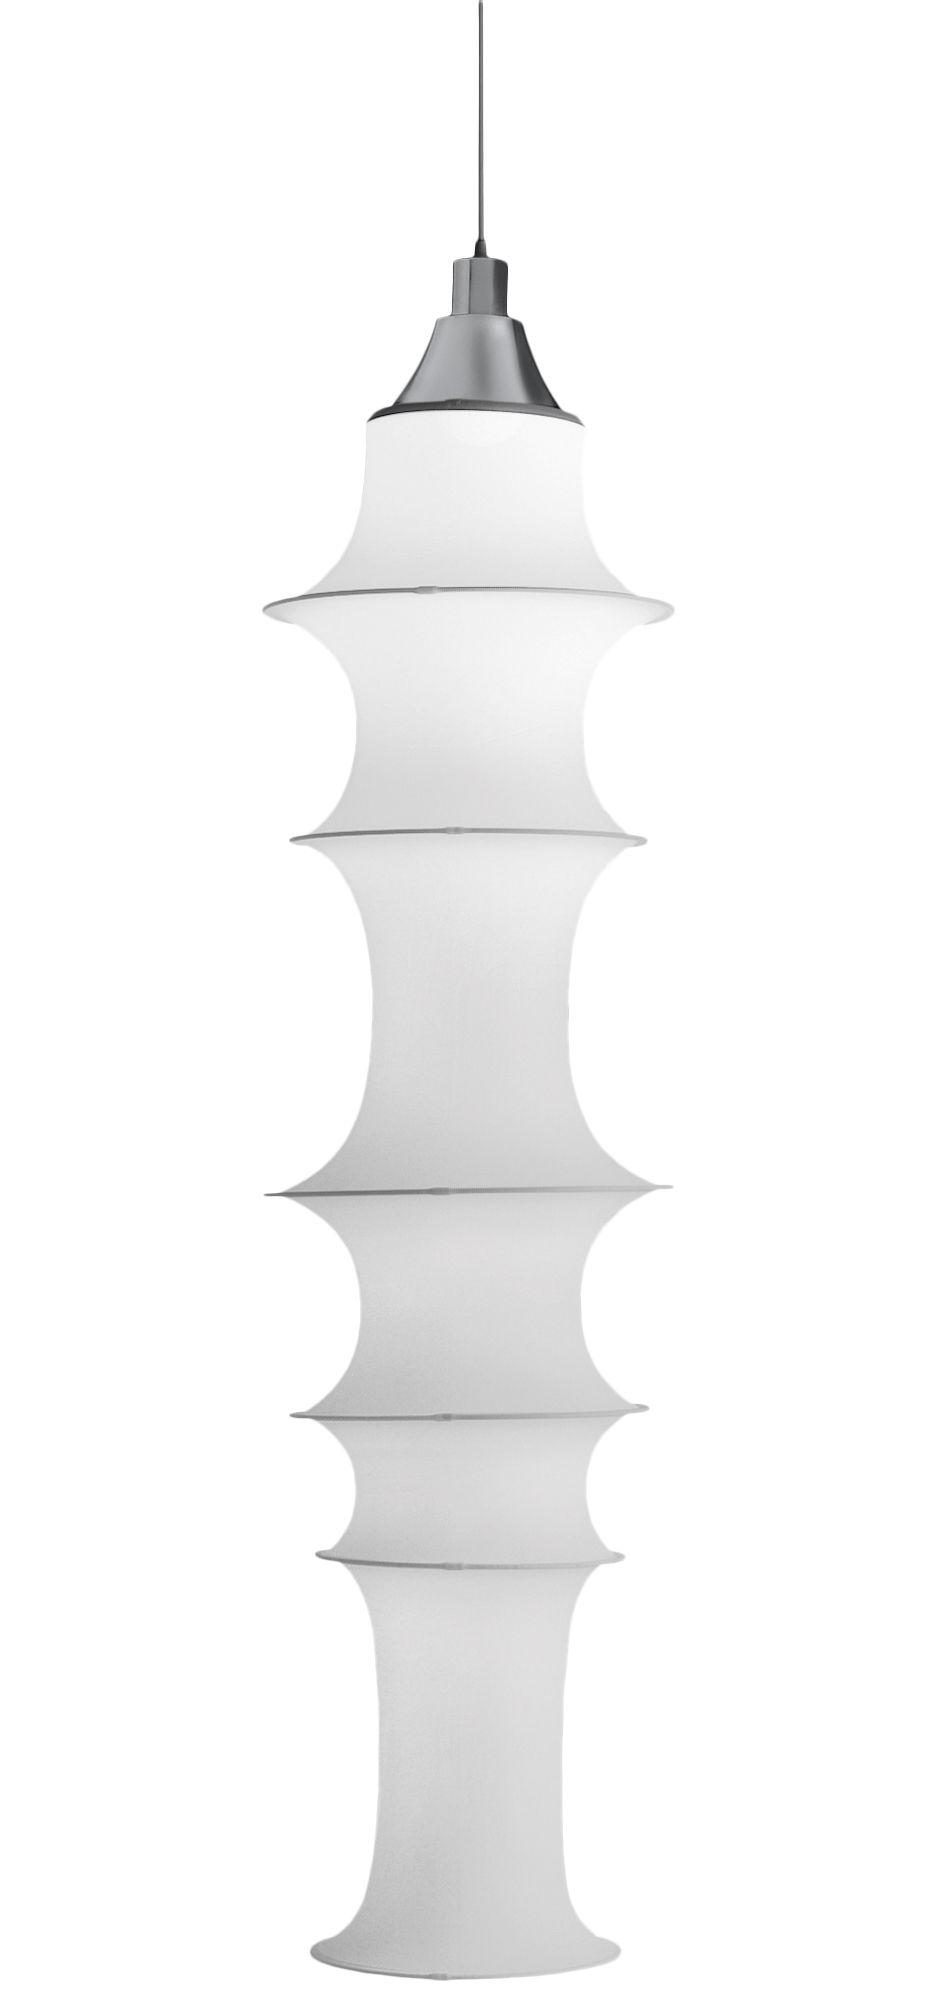 Lighting - Pendant Lighting - Falkland Pendant - H 165 cm by Danese Light - White - Elasticated fabric, Steel